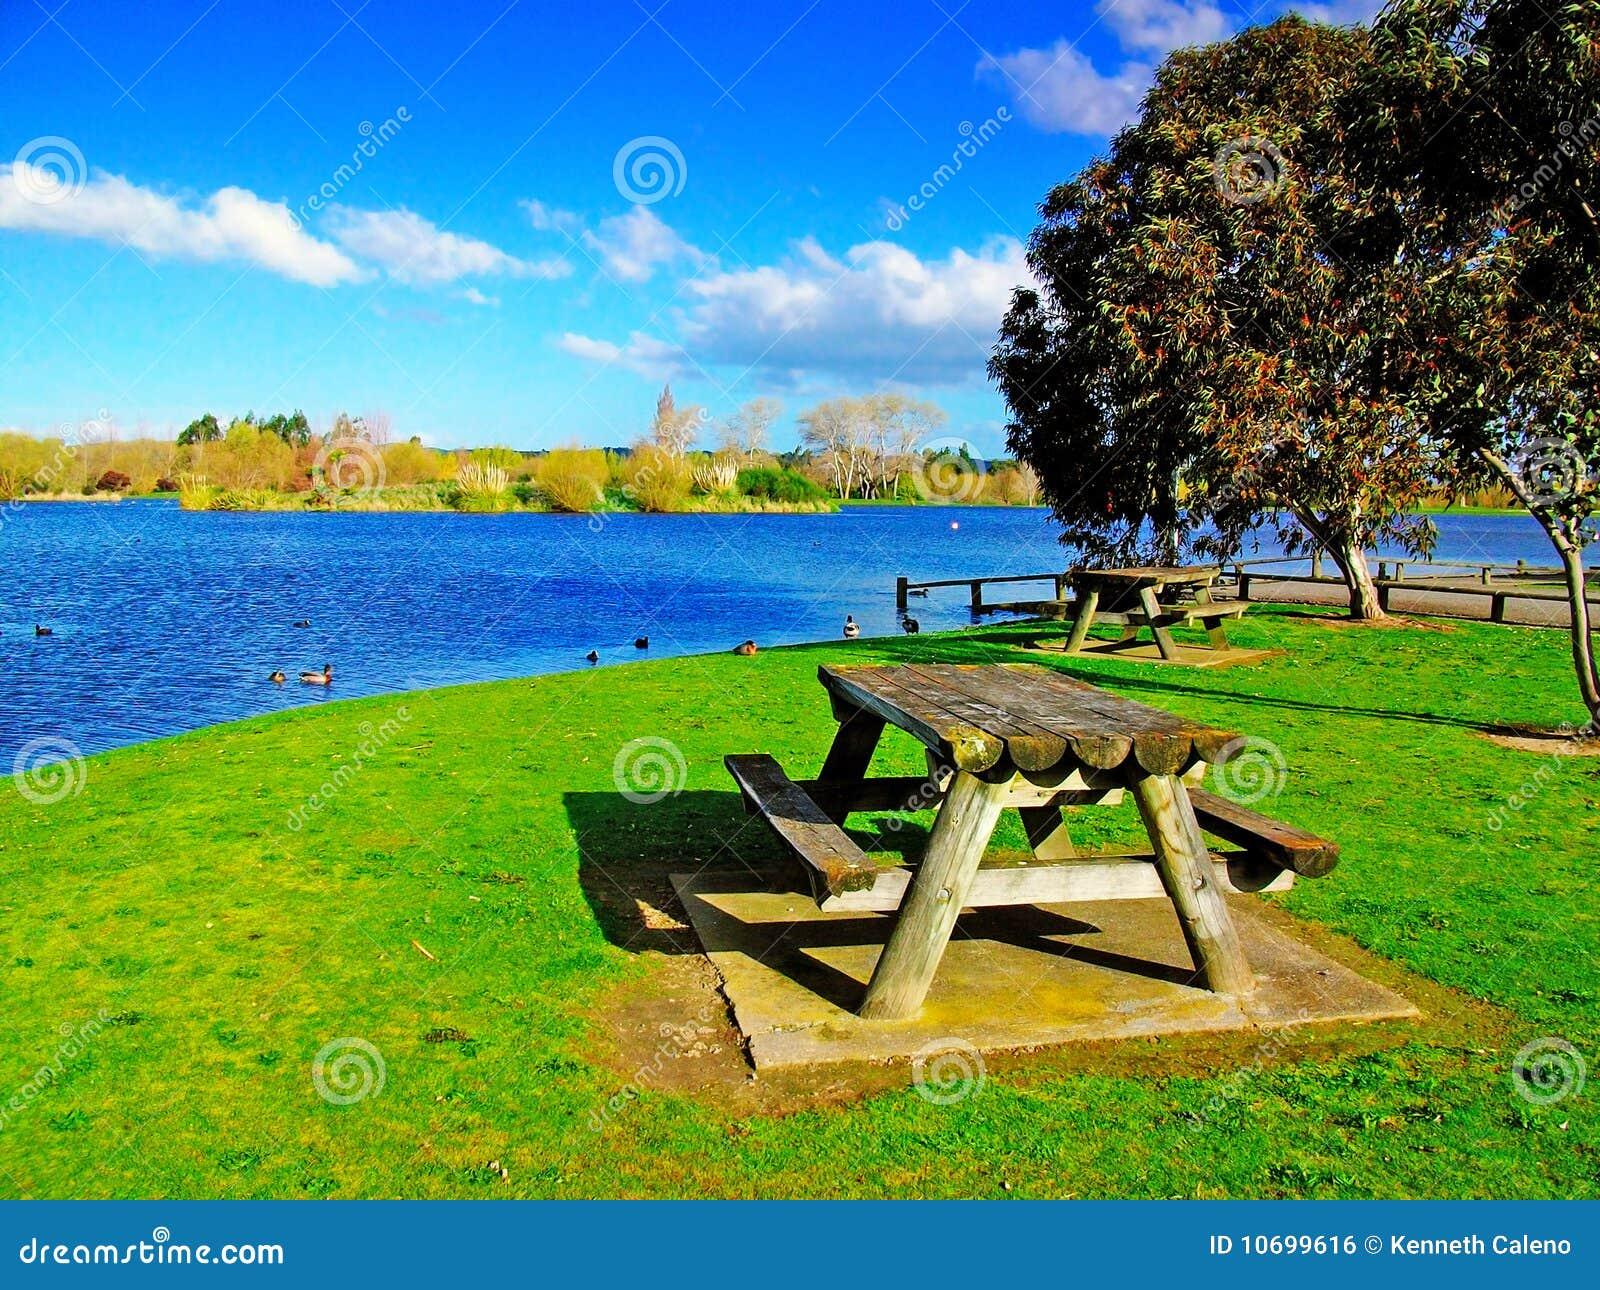 New business plan in kolkata picnic spot